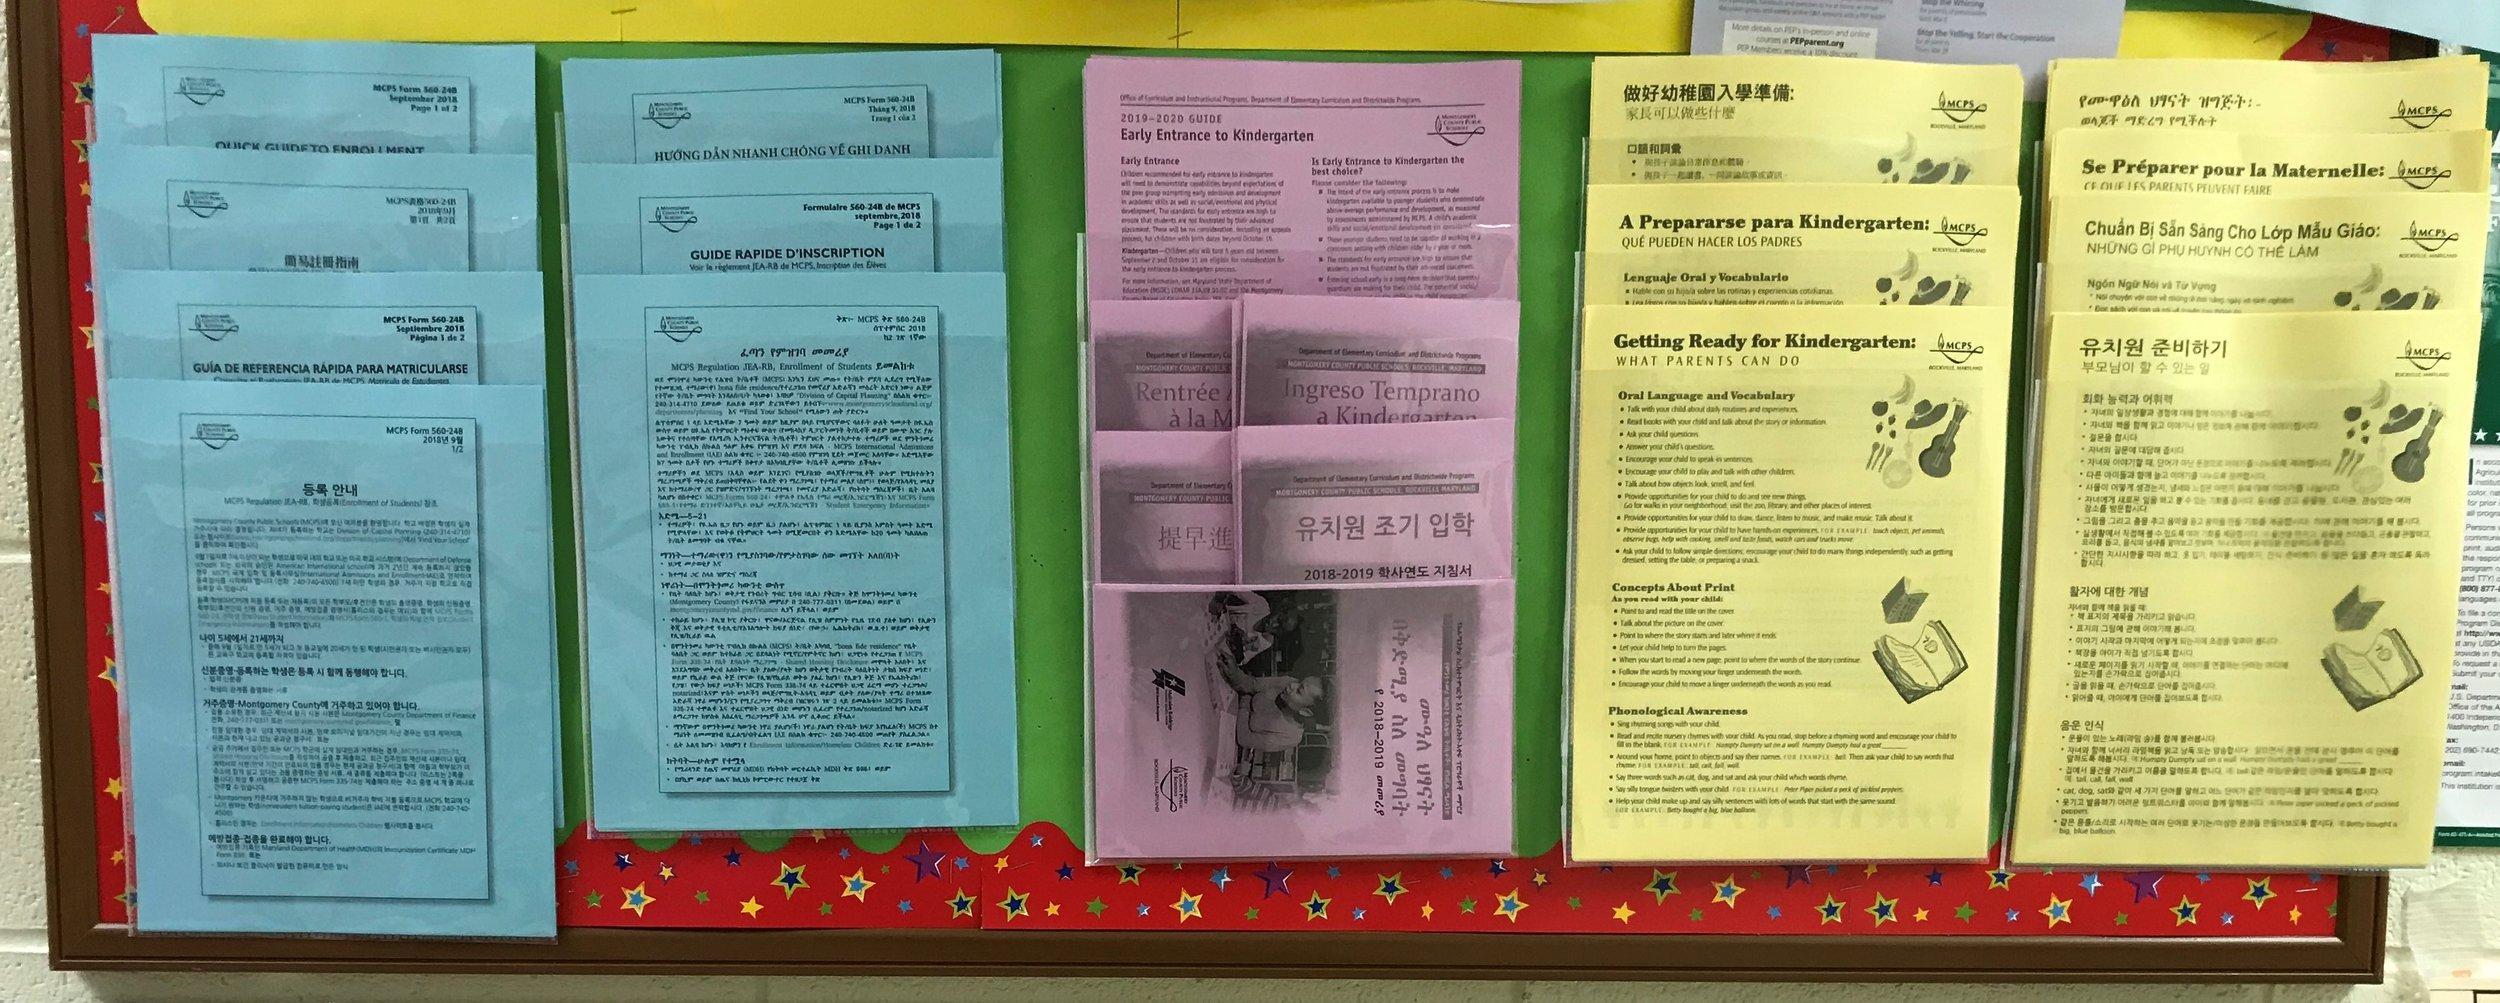 Kindergarten Forms.jpg